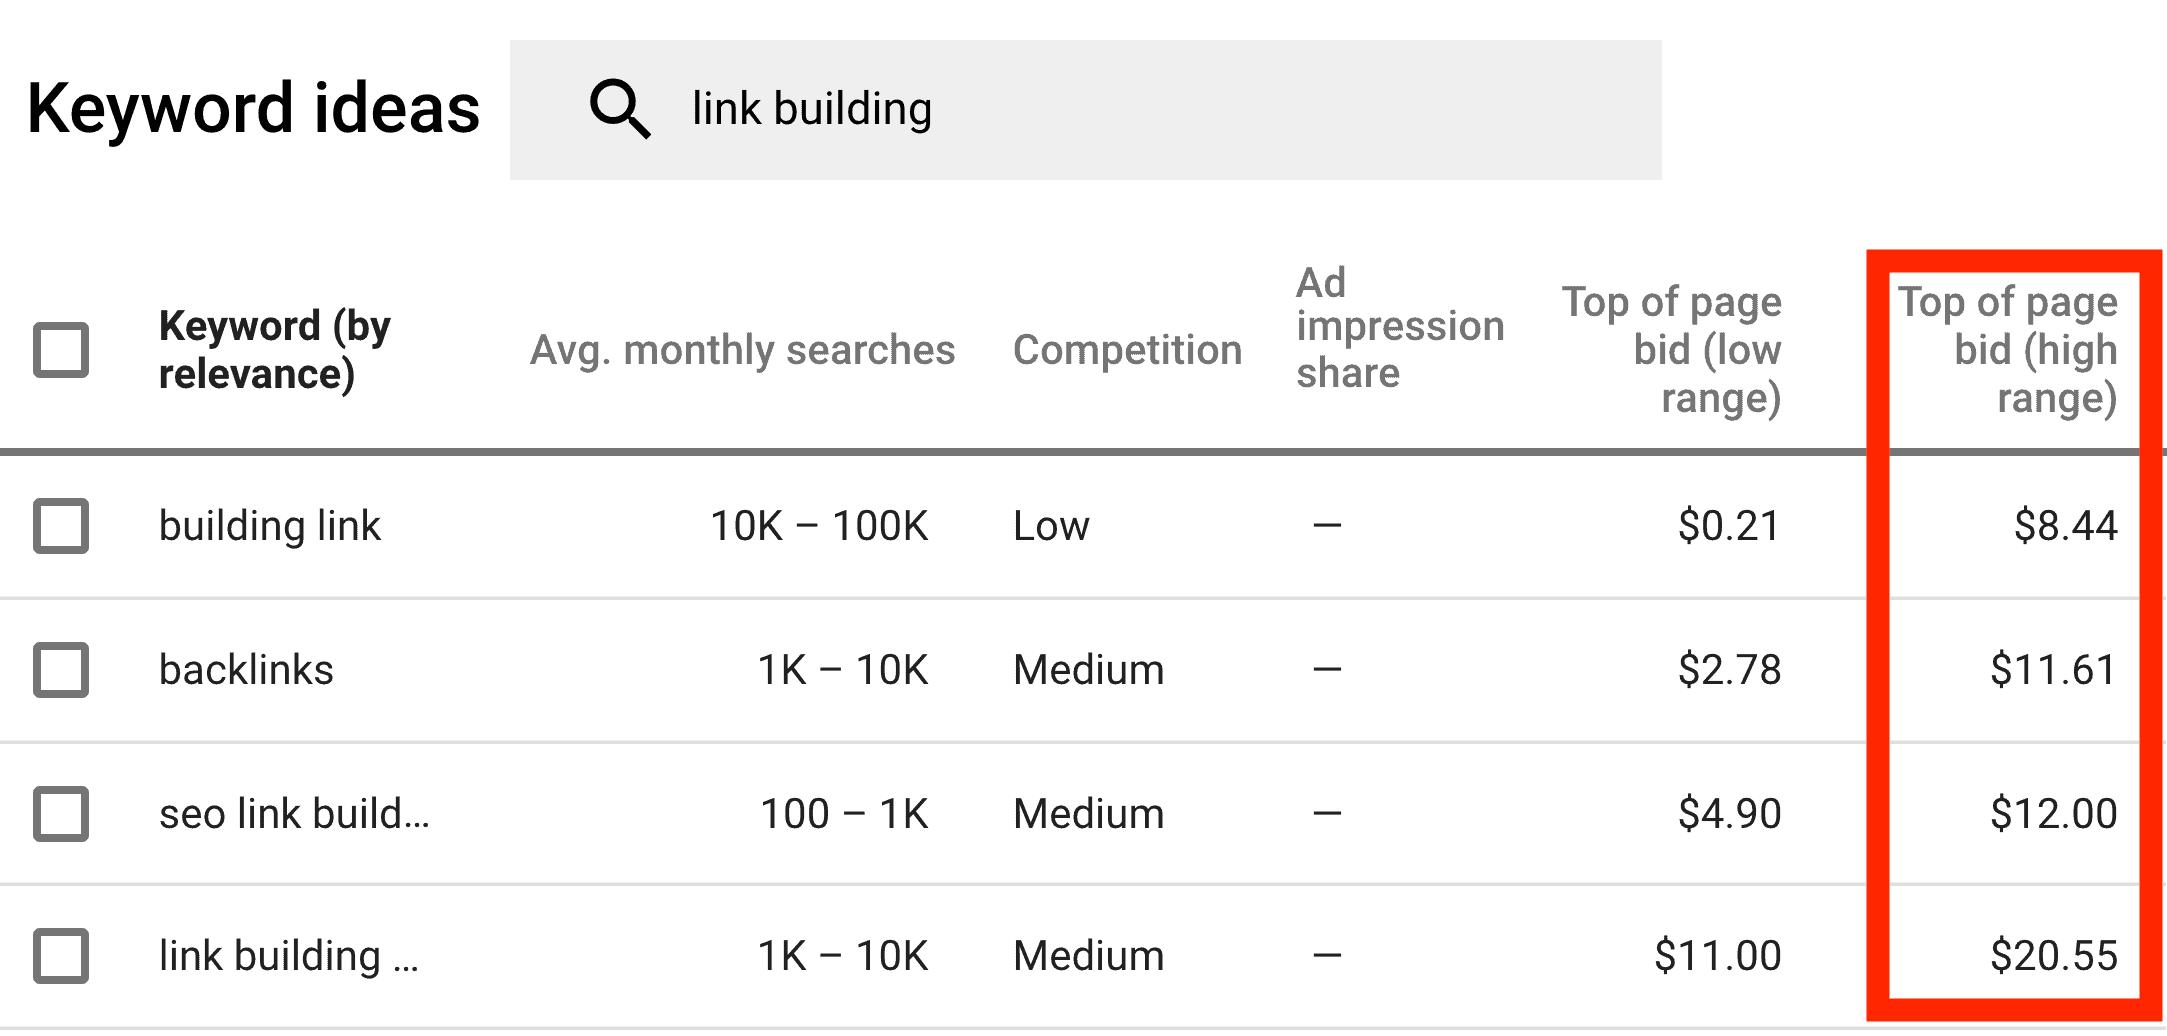 מתכנן מילות המפתח של גוגל - הצעת מחיר לראש הדף